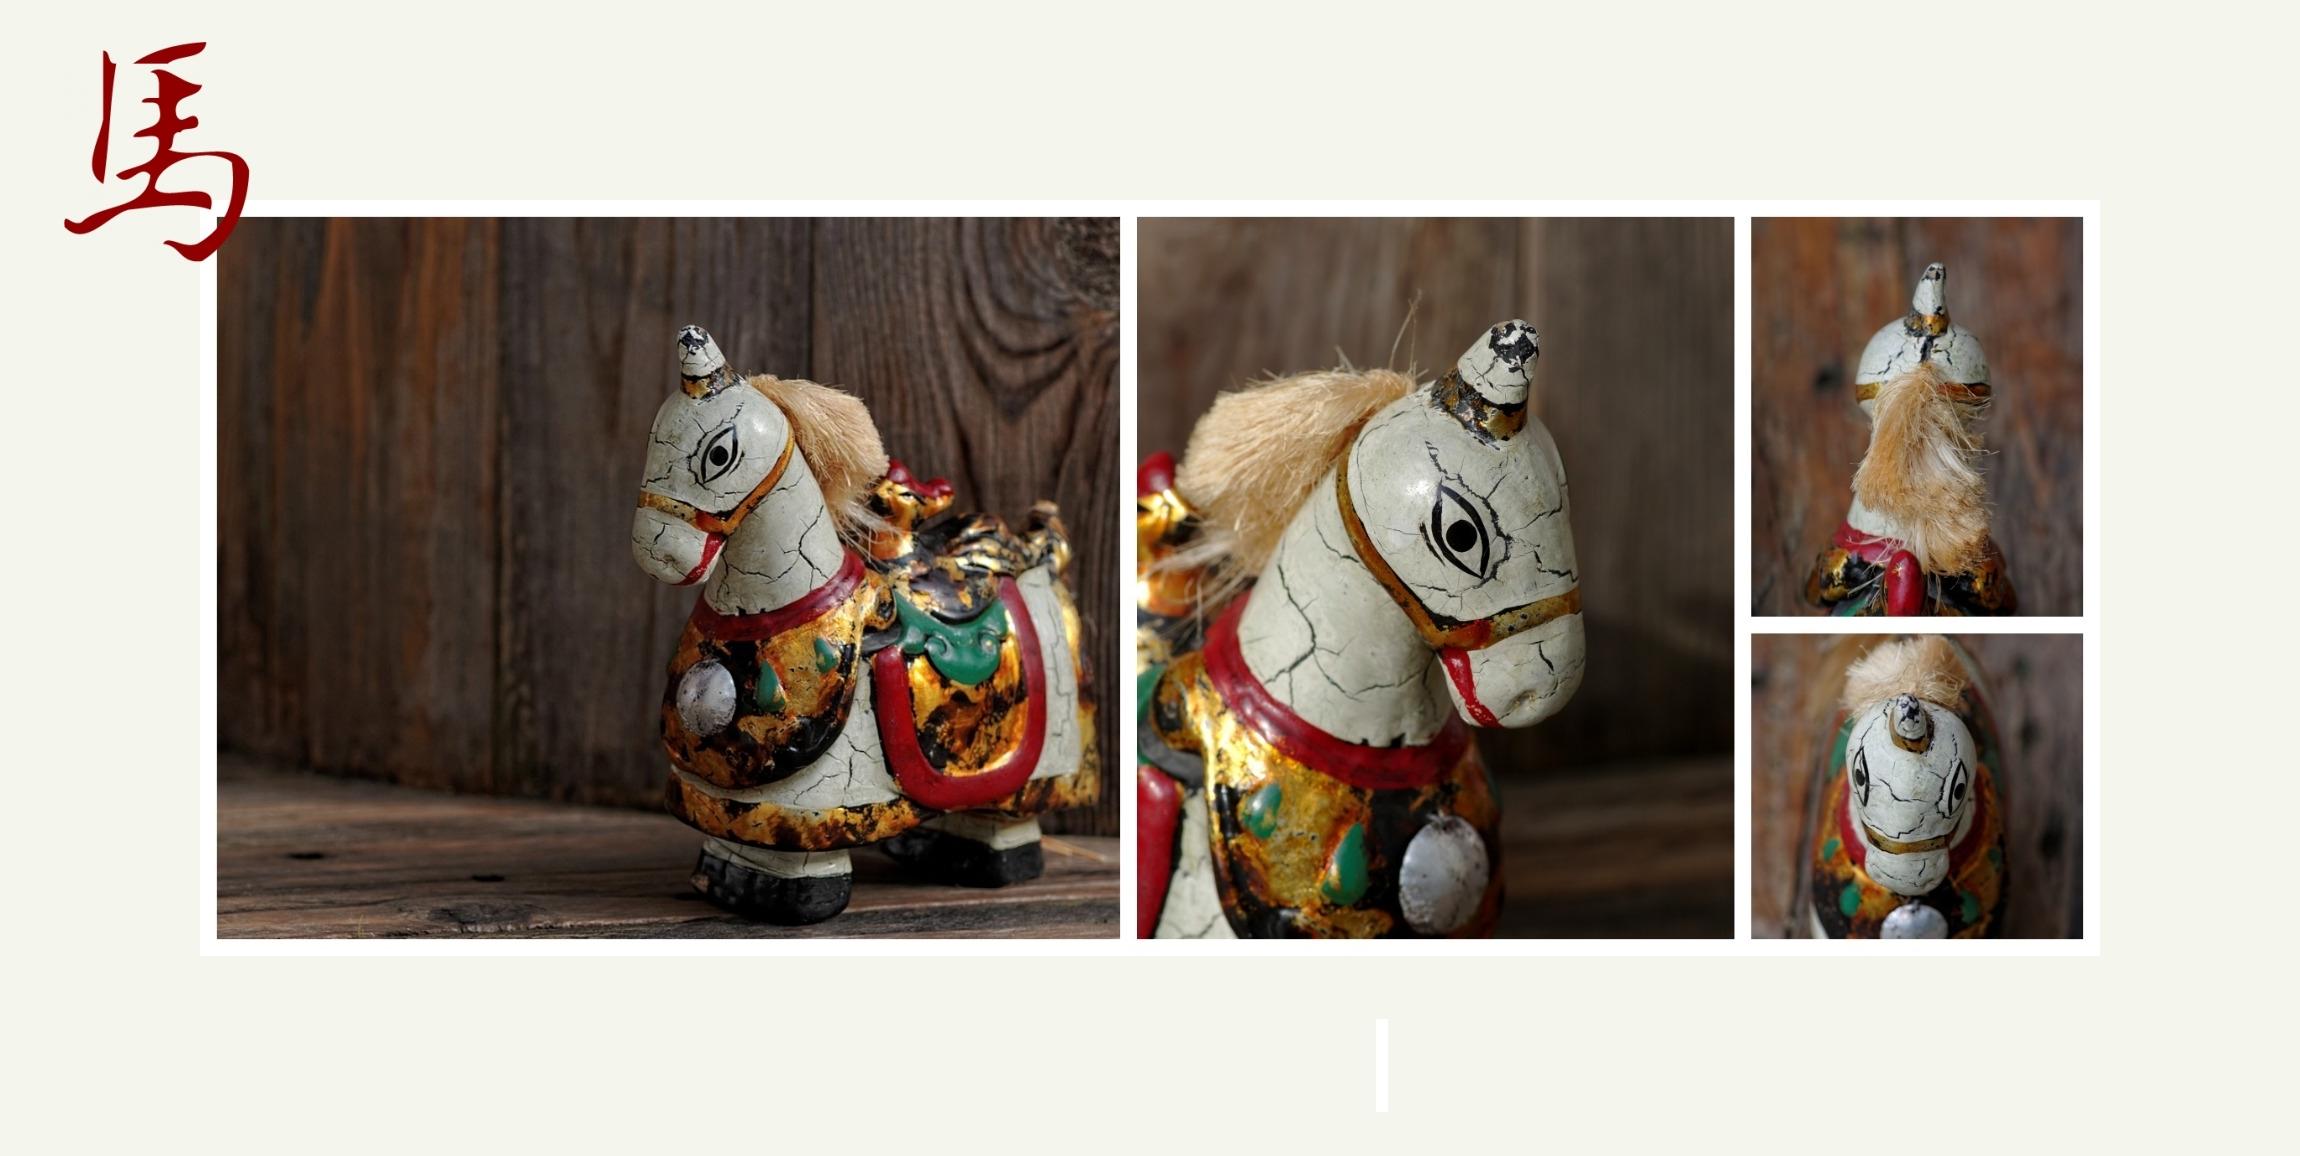 nouvel an chinois l ann e du cheval de bois la tribu d 39 anaximandre des photos au fil des. Black Bedroom Furniture Sets. Home Design Ideas